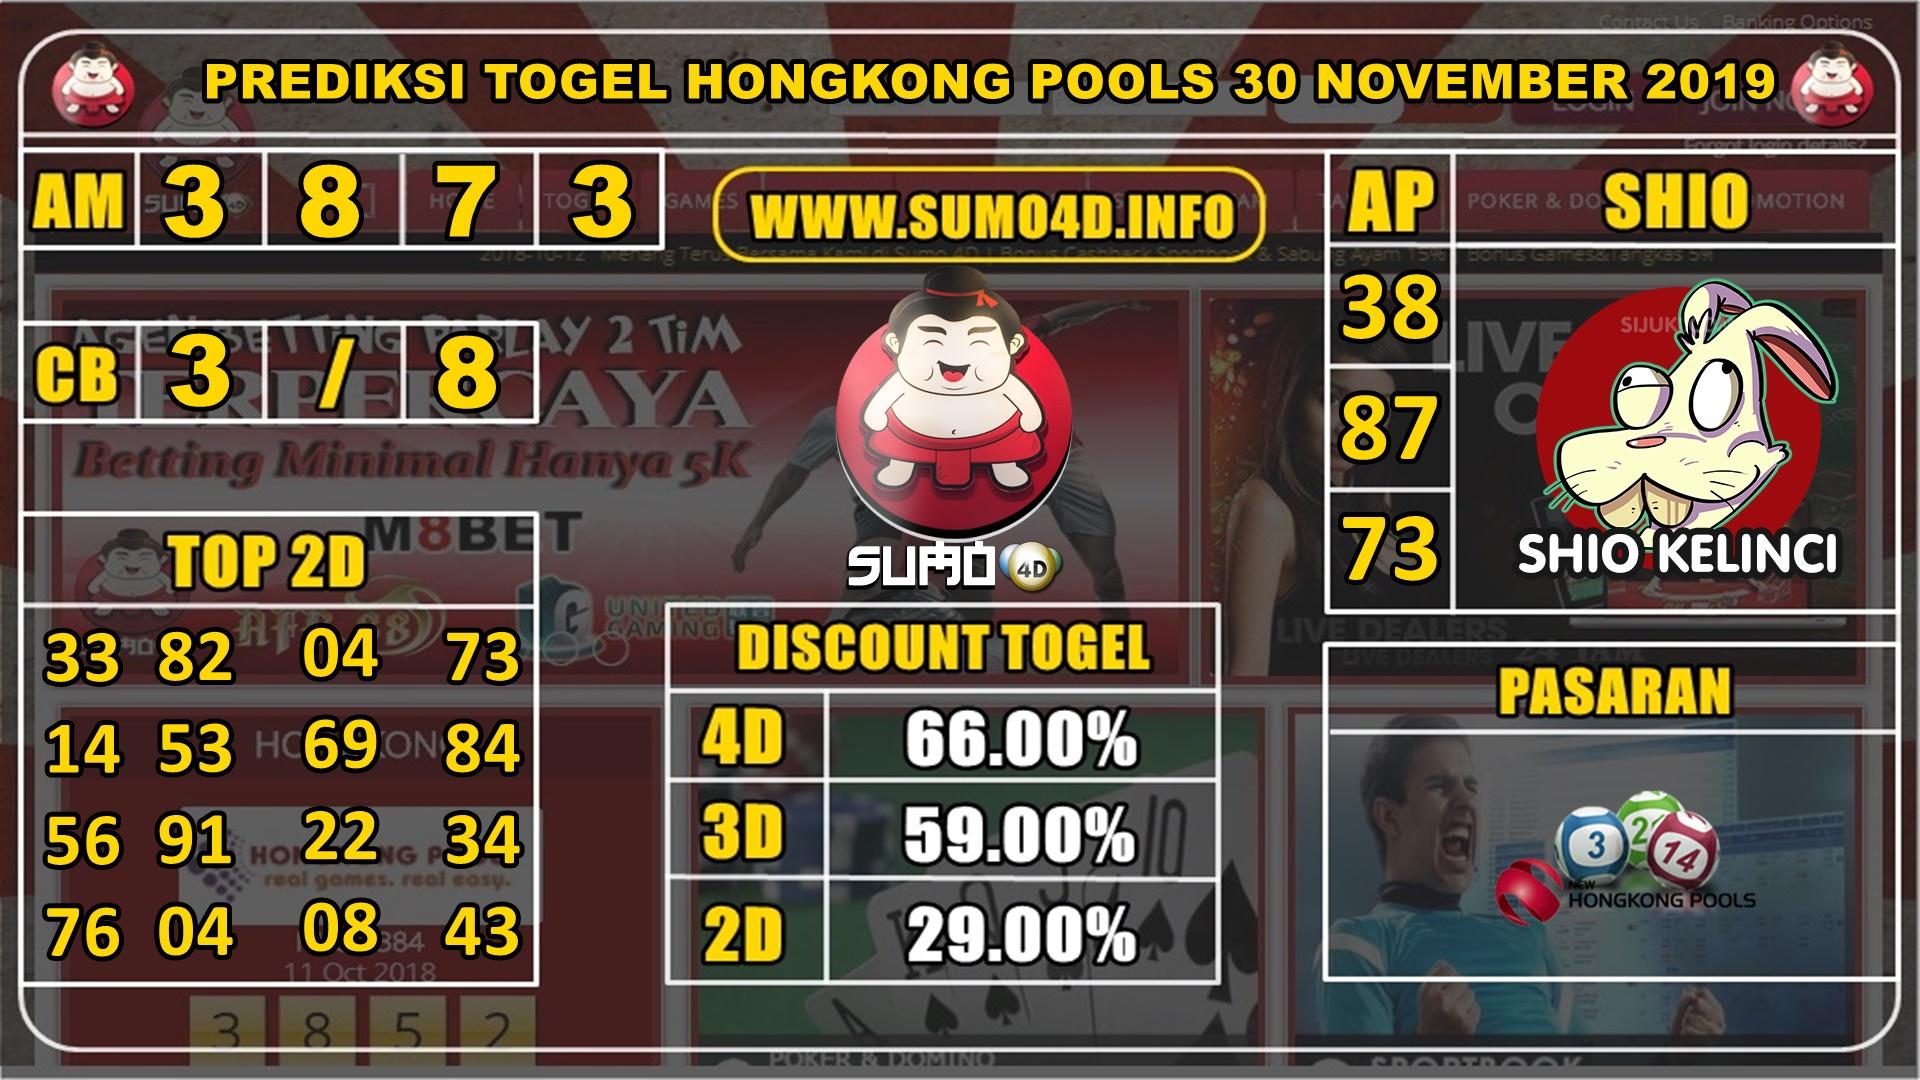 PREDIKSI TOGEL HONGKONG POOLS 30 NOVEMBER 2019